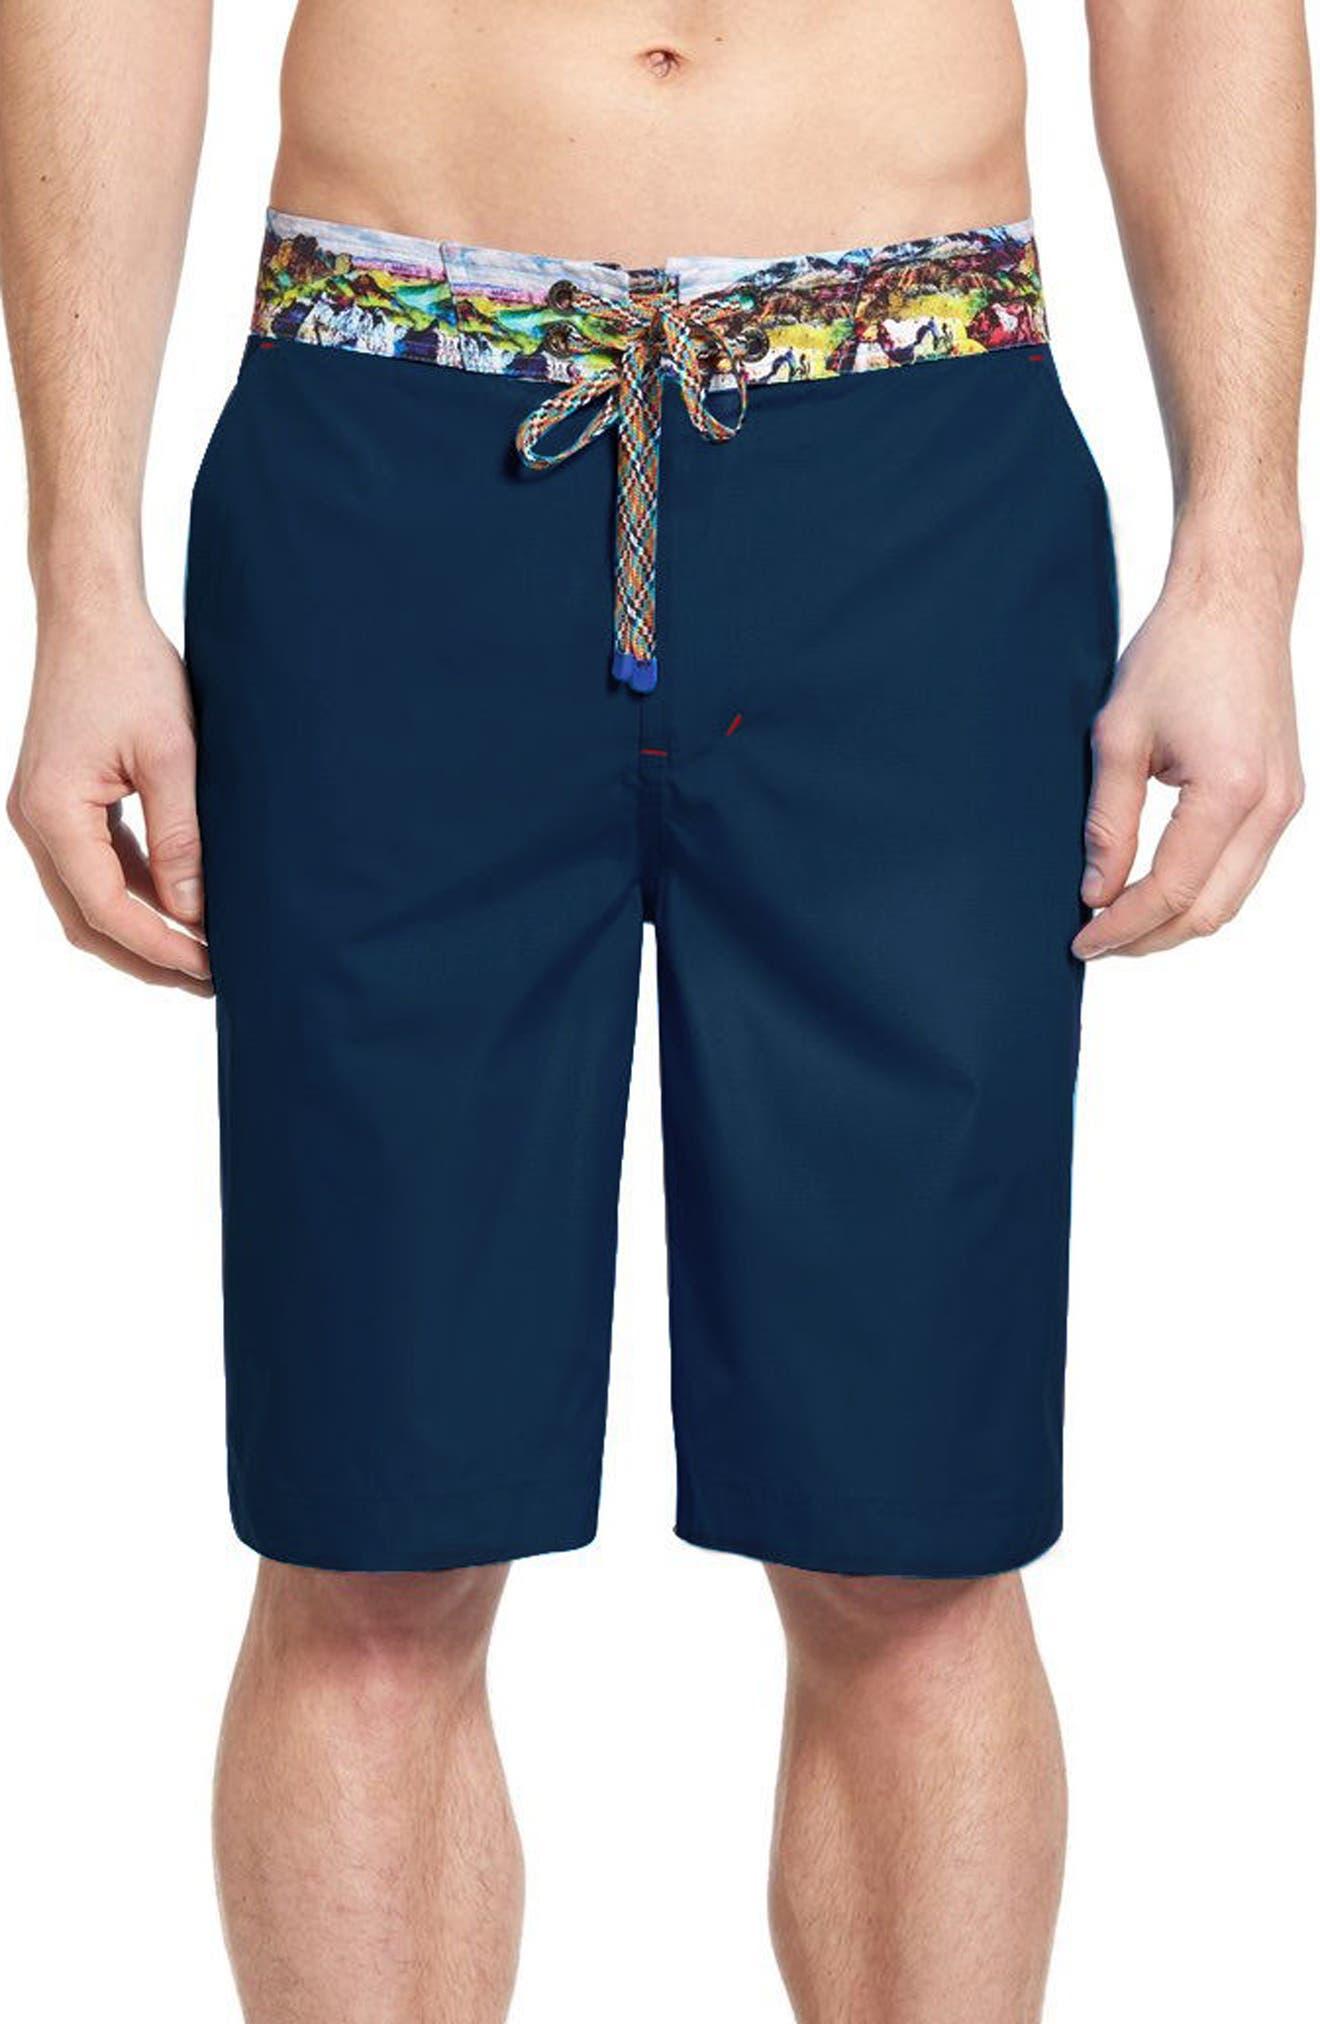 Boundless Board Shorts,                         Main,                         color, Navy